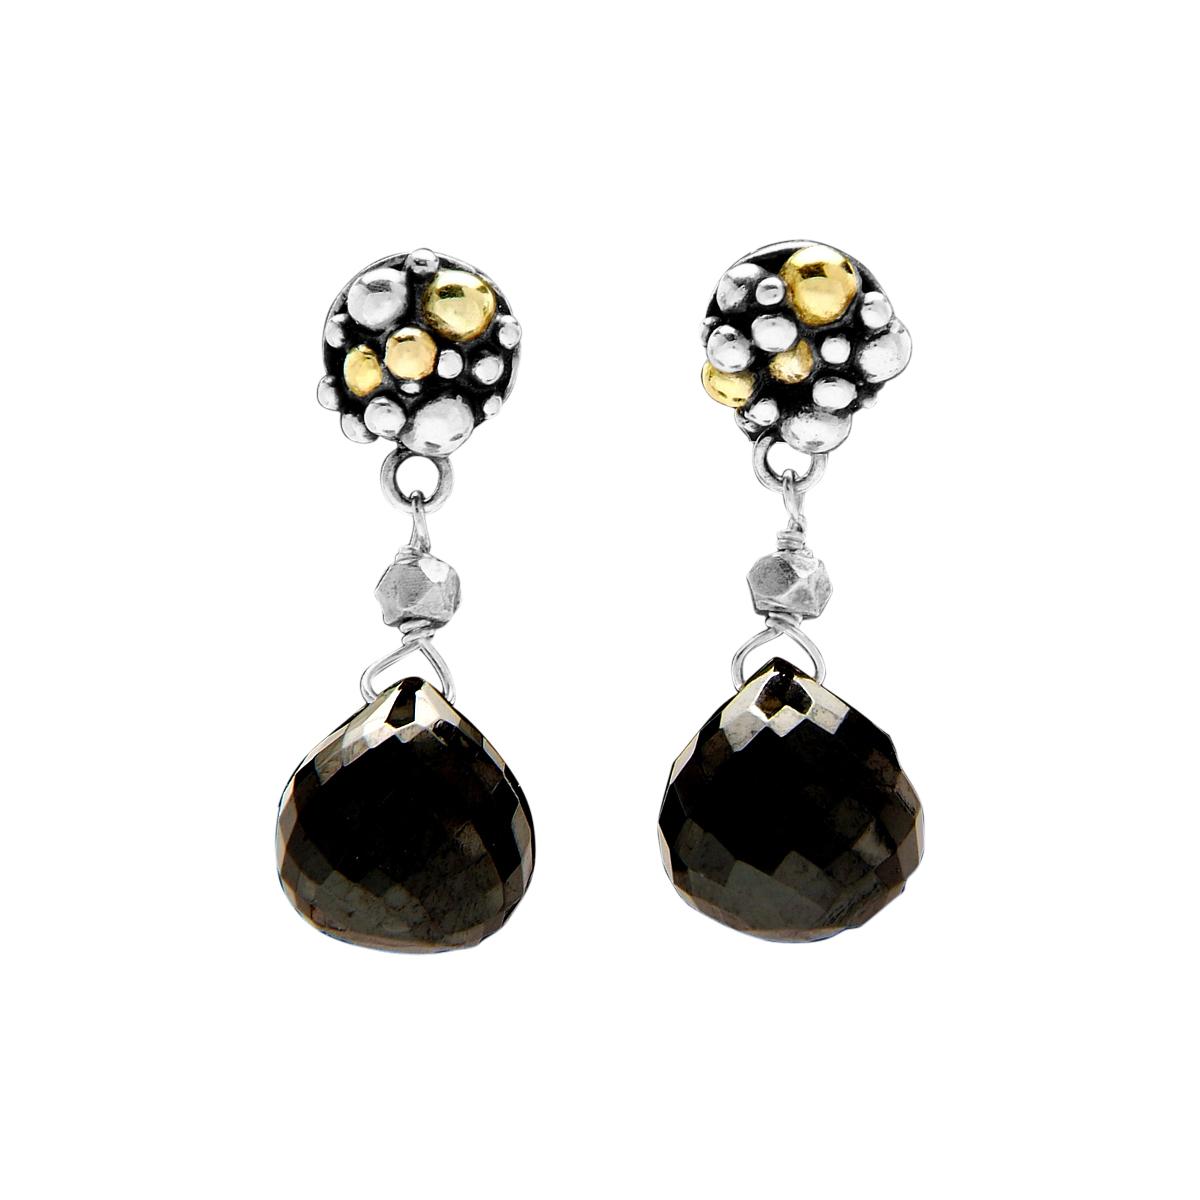 Molecule black spinel earrings